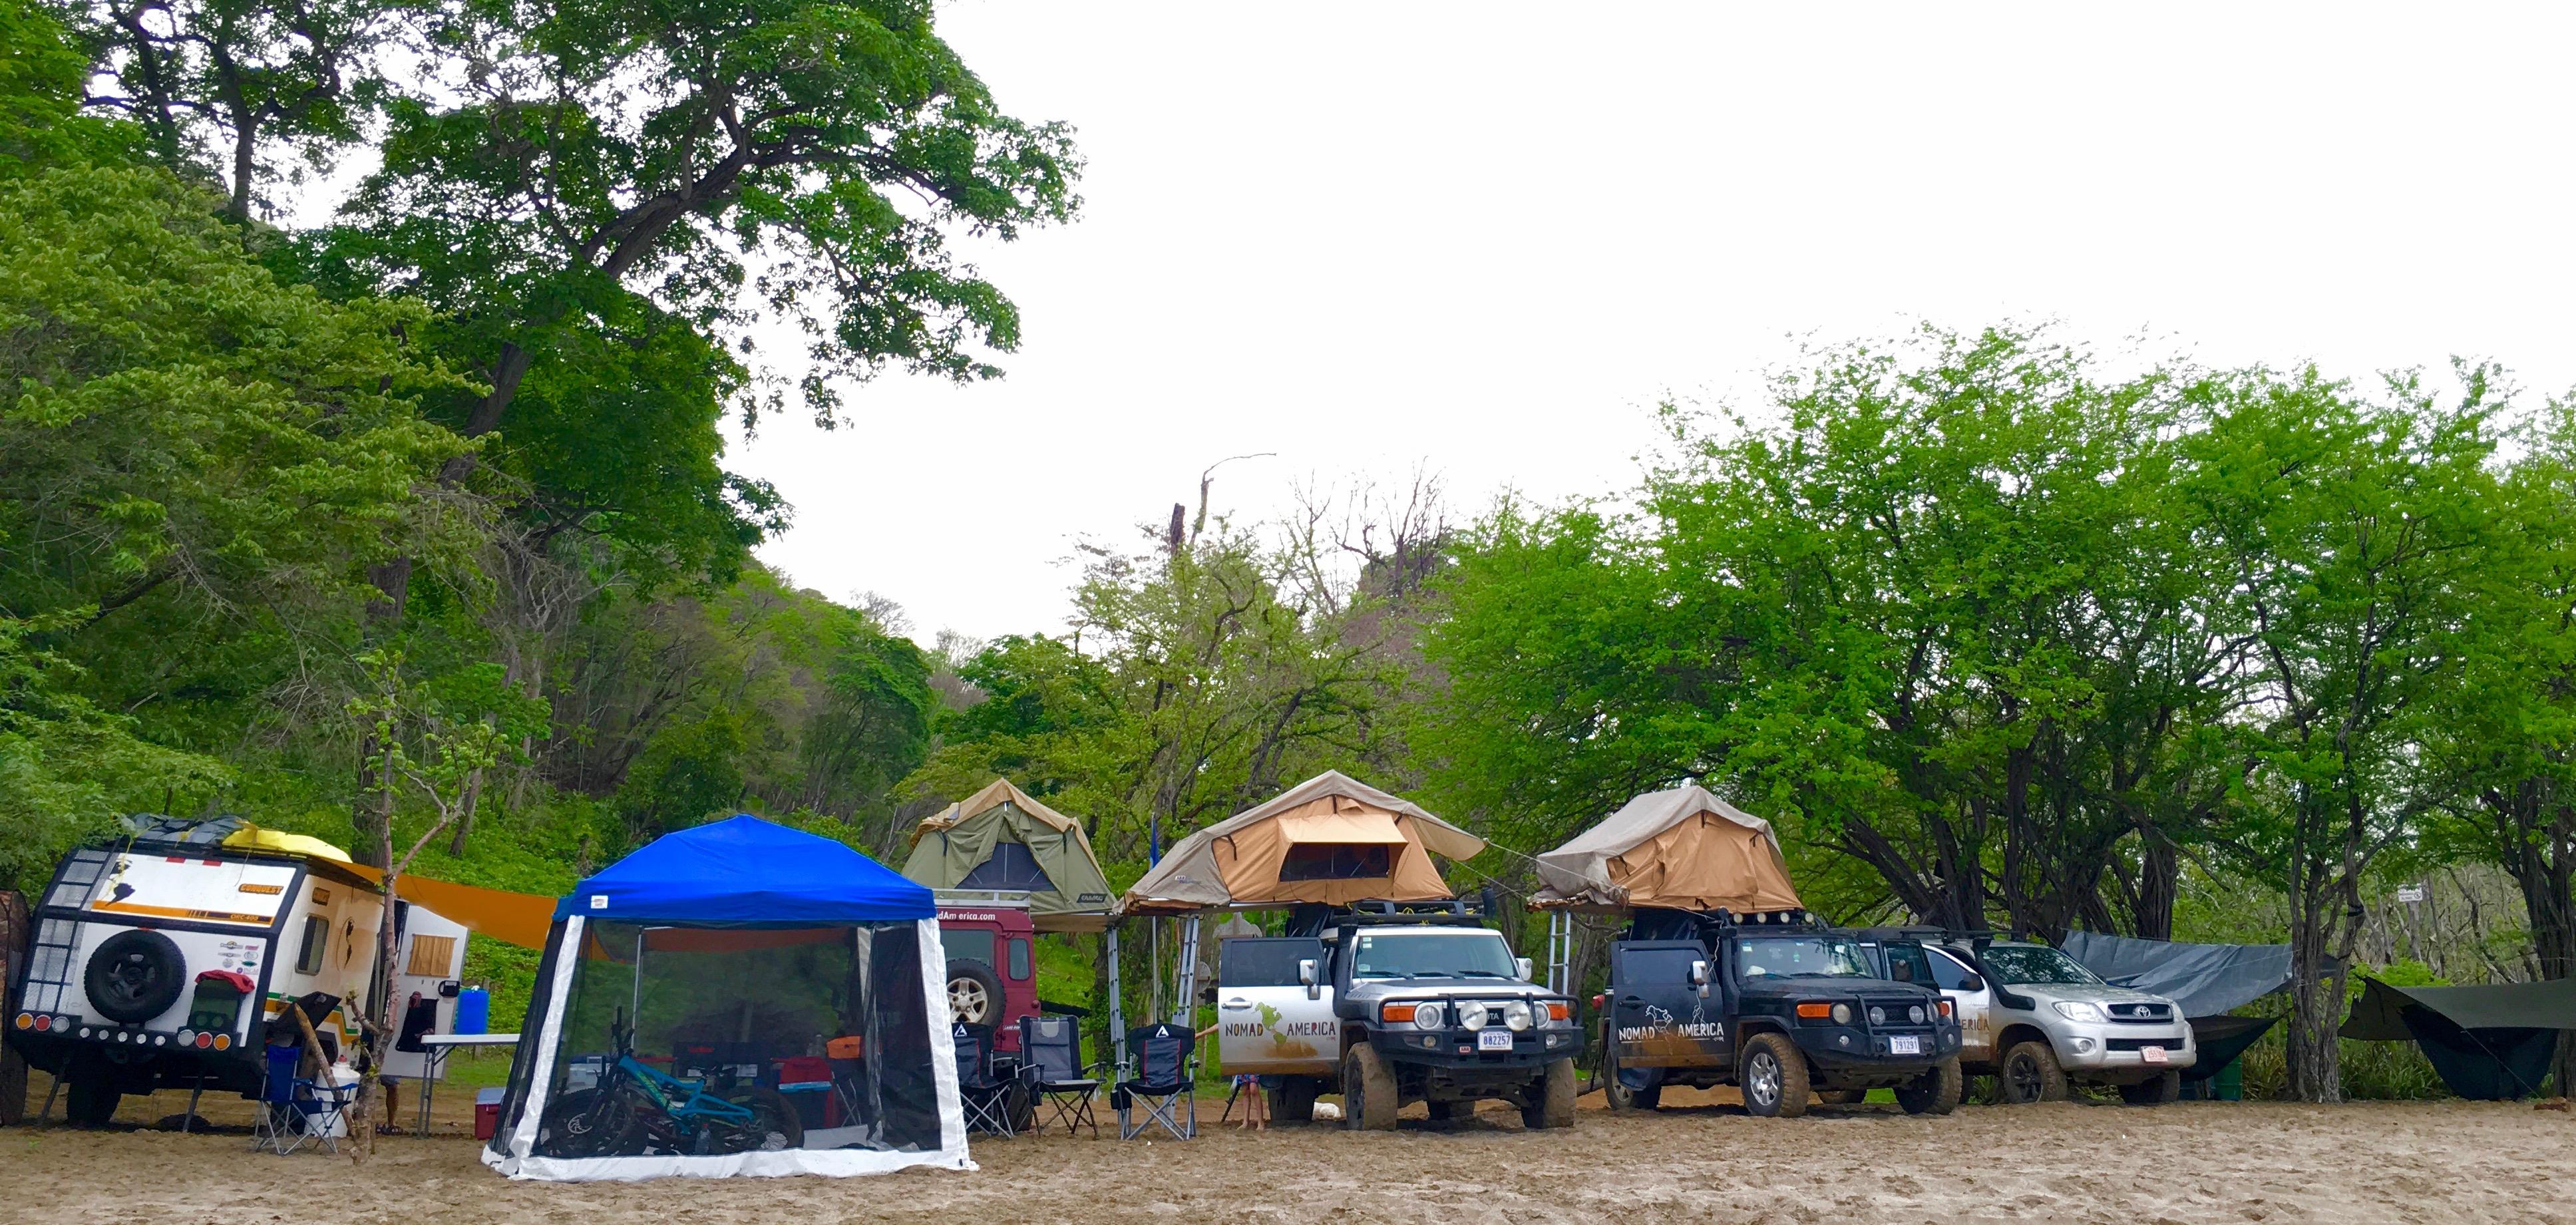 Costa Rica beach camping